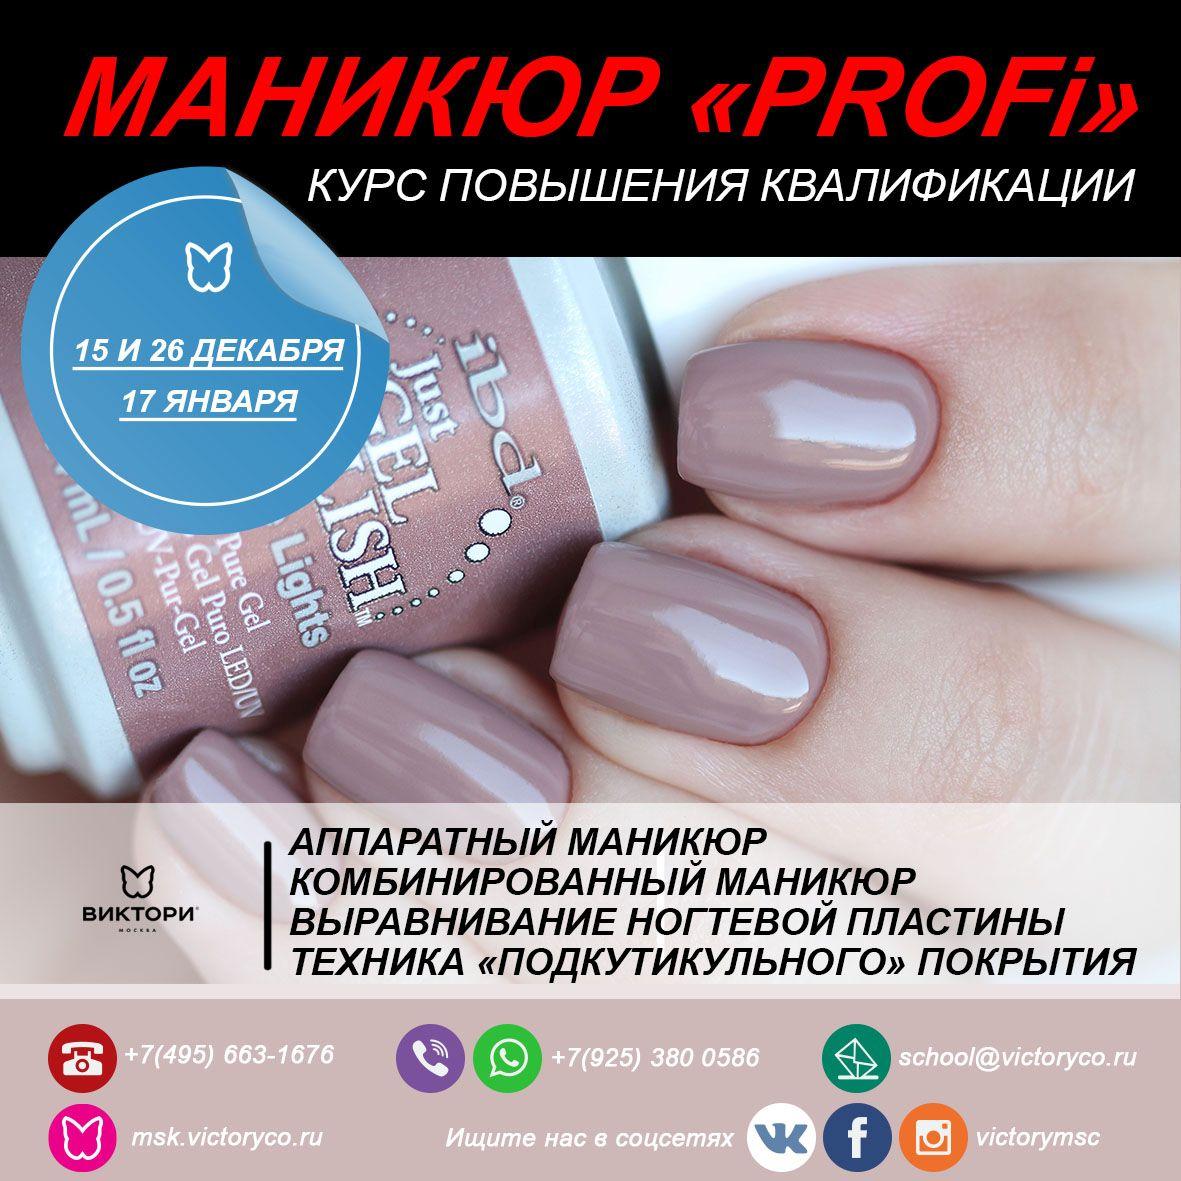 Курсы повышения квалификации мастеров по маникюру минск